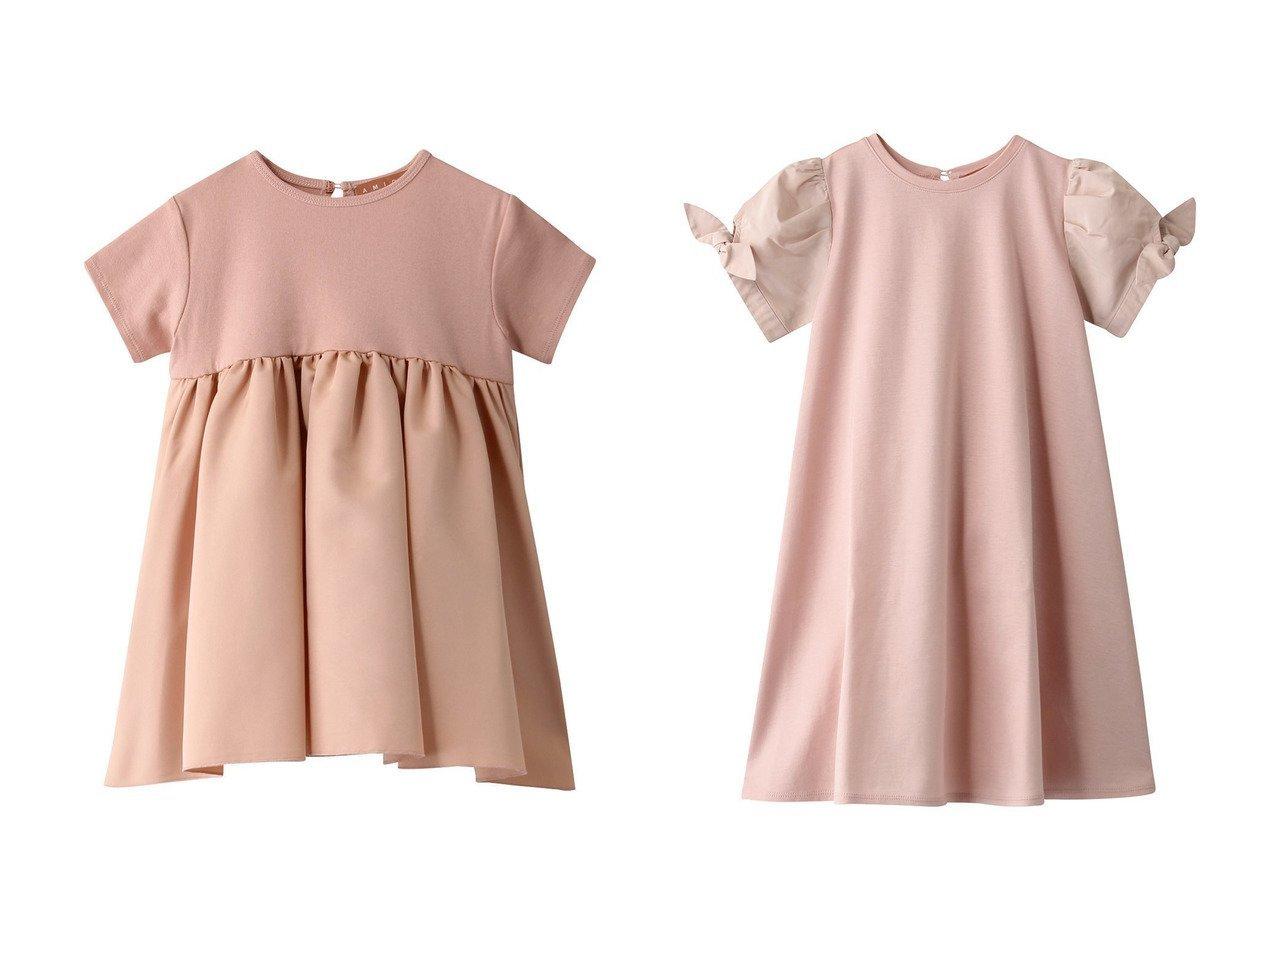 【AMICA / KIDS/アミカ】の【Baby&Kids】リボンドレス&【Baby&Kids】バレリーナドレス 【KIDS】子供服のおすすめ!人気トレンド・キッズファッションの通販 おすすめで人気の流行・トレンド、ファッションの通販商品 メンズファッション・キッズファッション・インテリア・家具・レディースファッション・服の通販 founy(ファニー) https://founy.com/ ファッション Fashion キッズファッション KIDS ワンピース Dress Kids トップス カットソー Tops Tees Kids 2021年 2021 2021 春夏 S/S SS Spring/Summer 2021 S/S 春夏 SS Spring/Summer グログラン ジャージ チュニック ドレス 春 Spring  ID:crp329100000025197